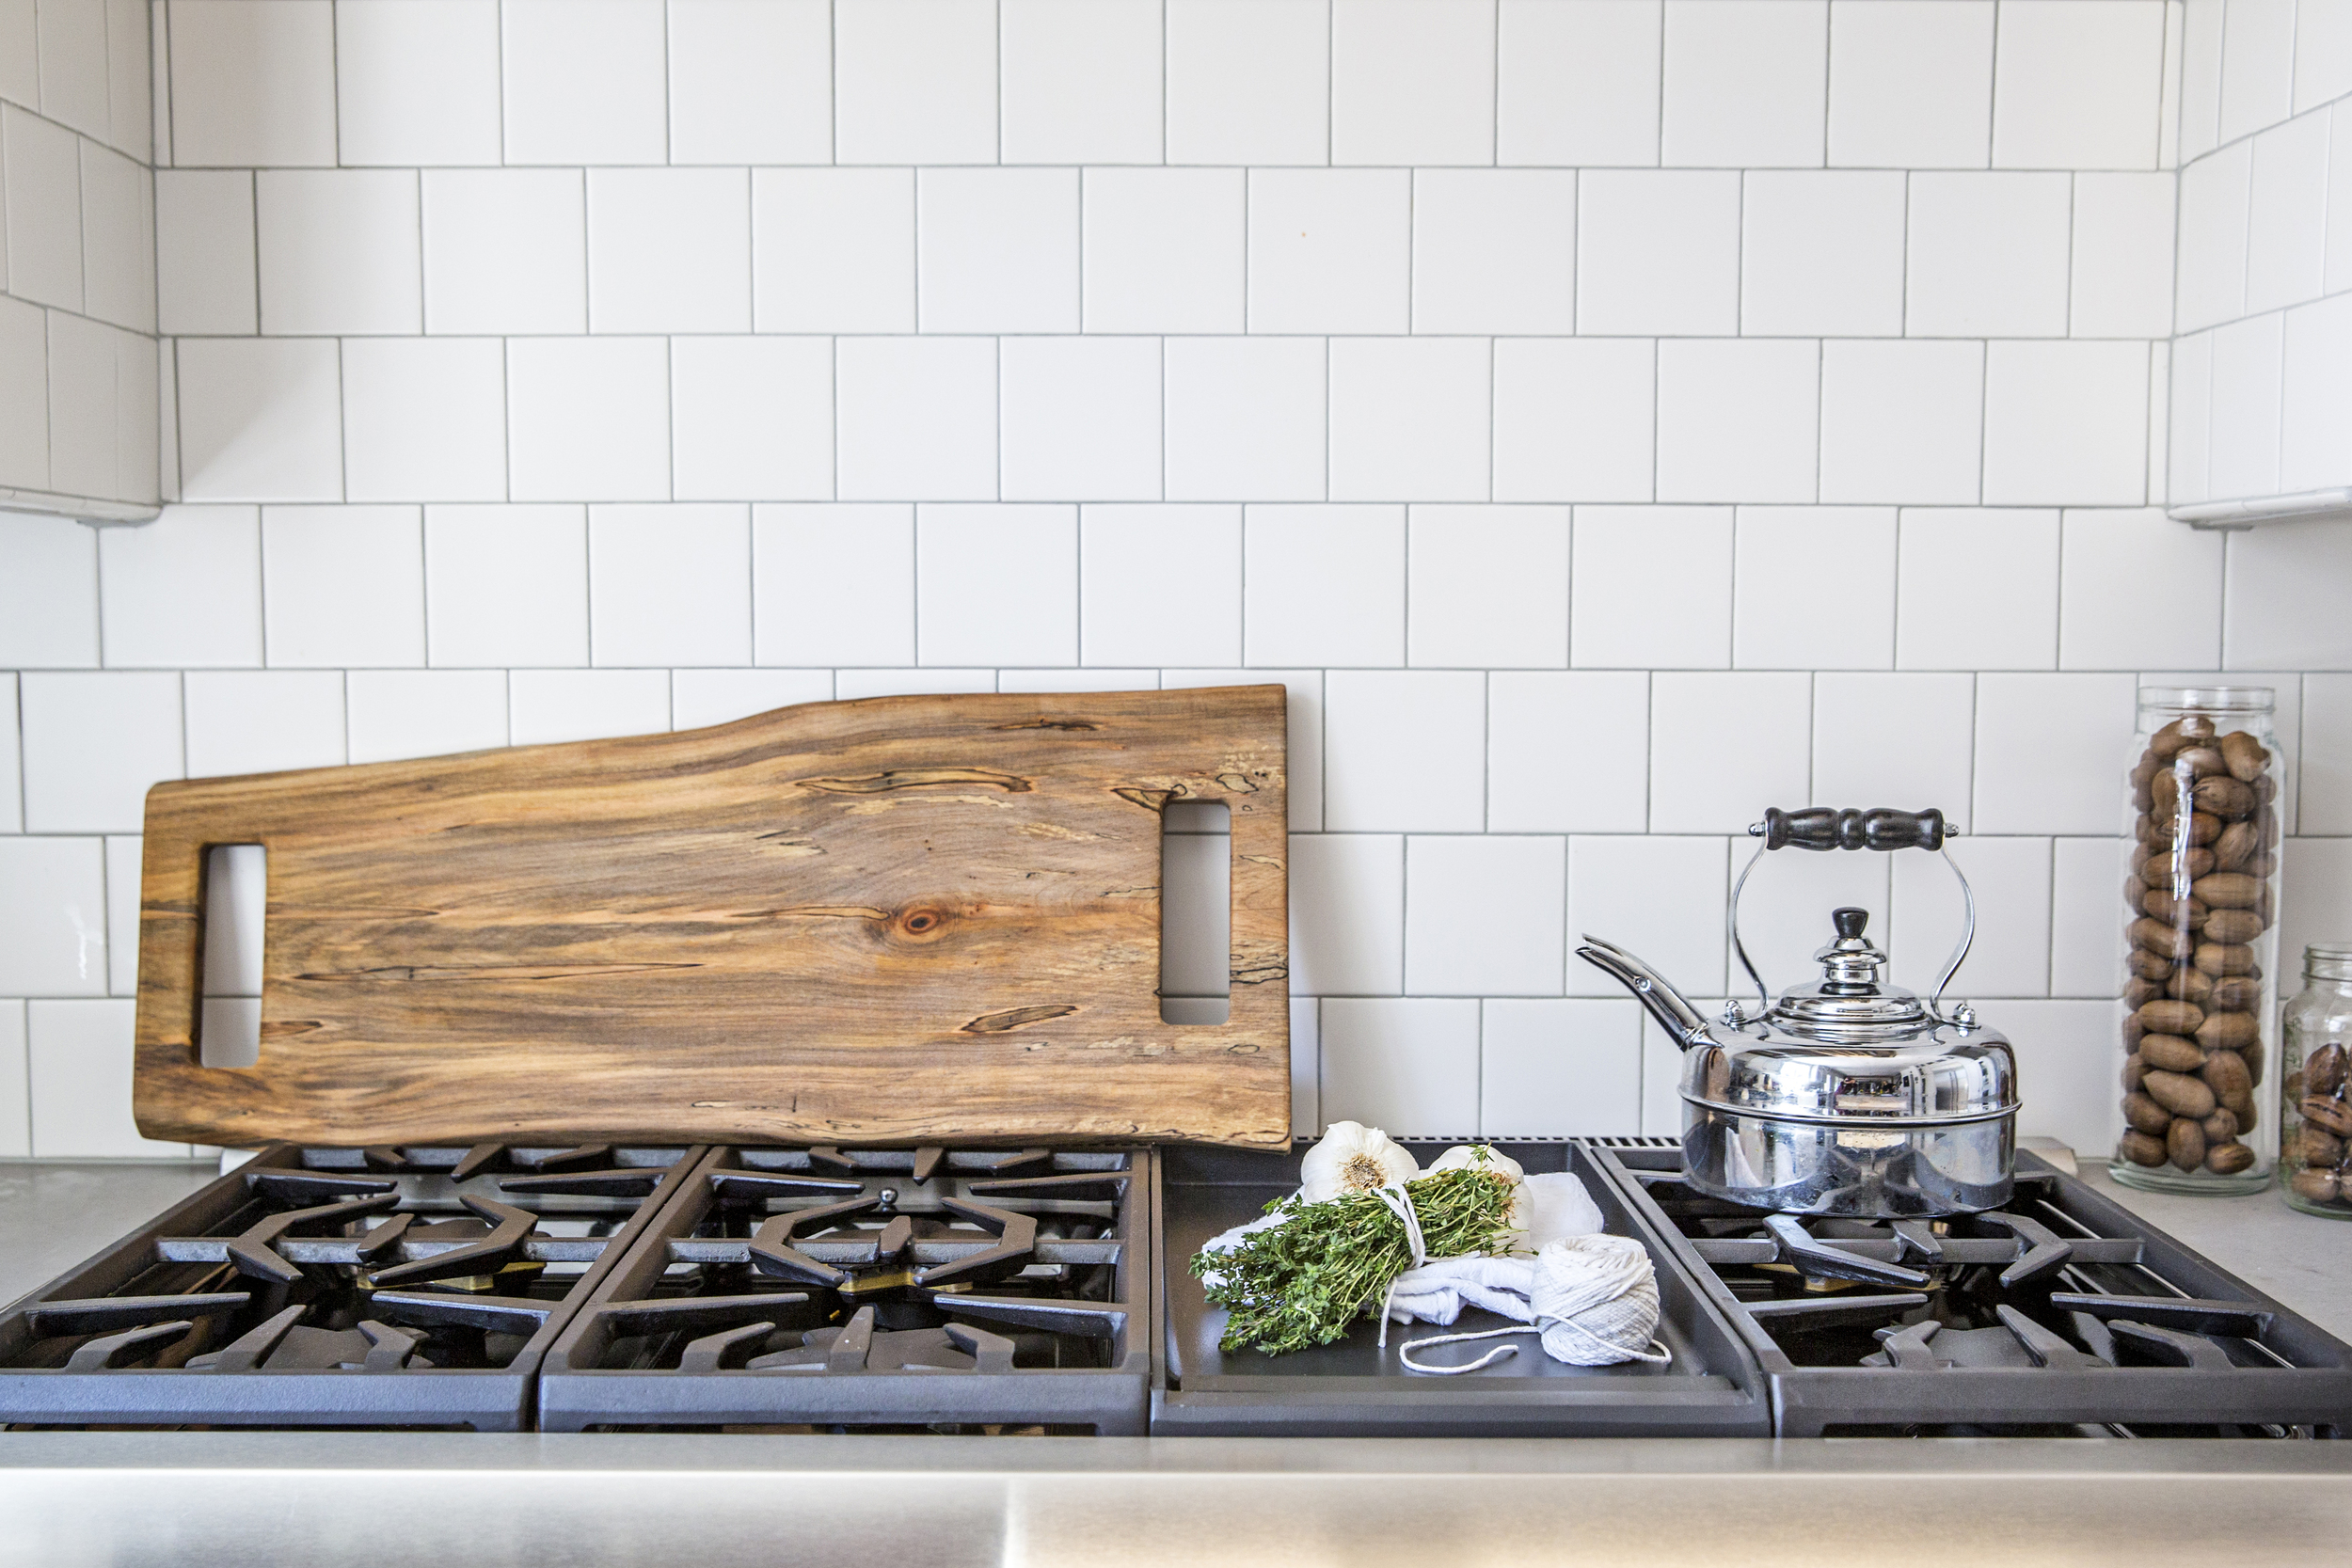 kitchen feast board